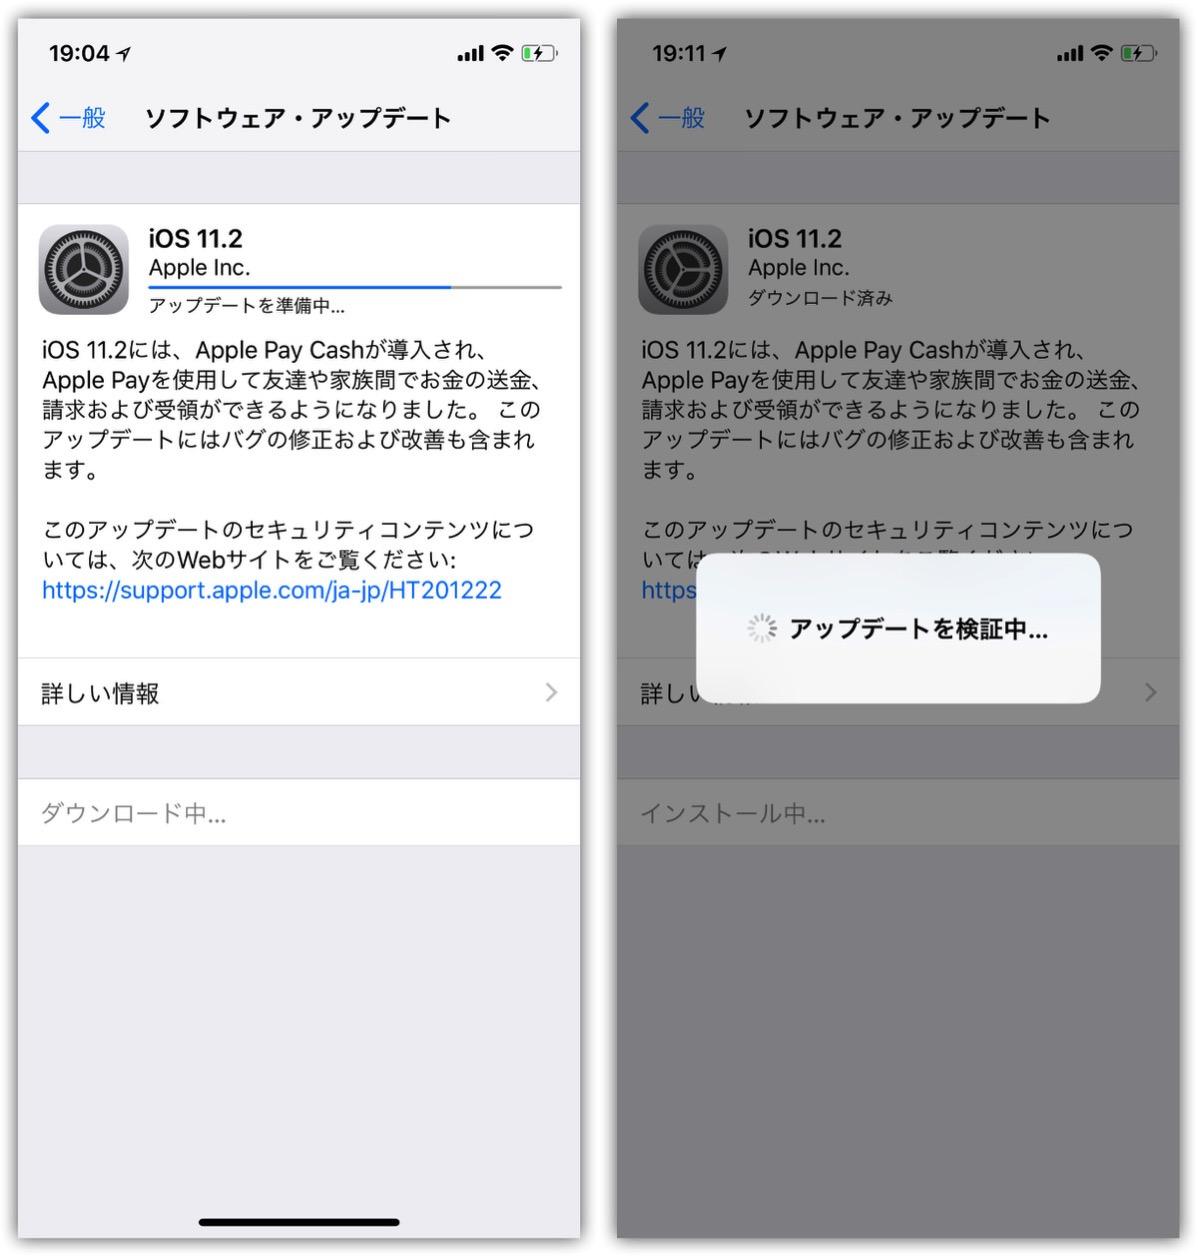 iOS11.2-1